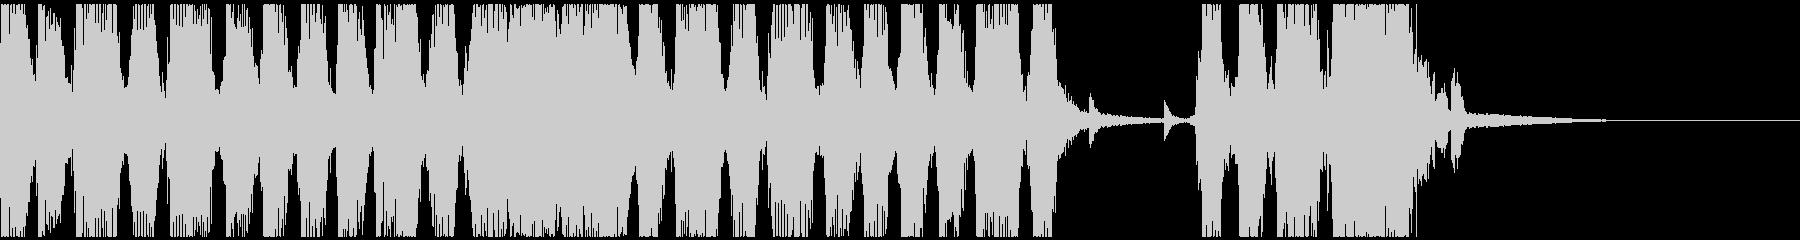 力が湧く4つ打ちガレージロックバンドCの未再生の波形